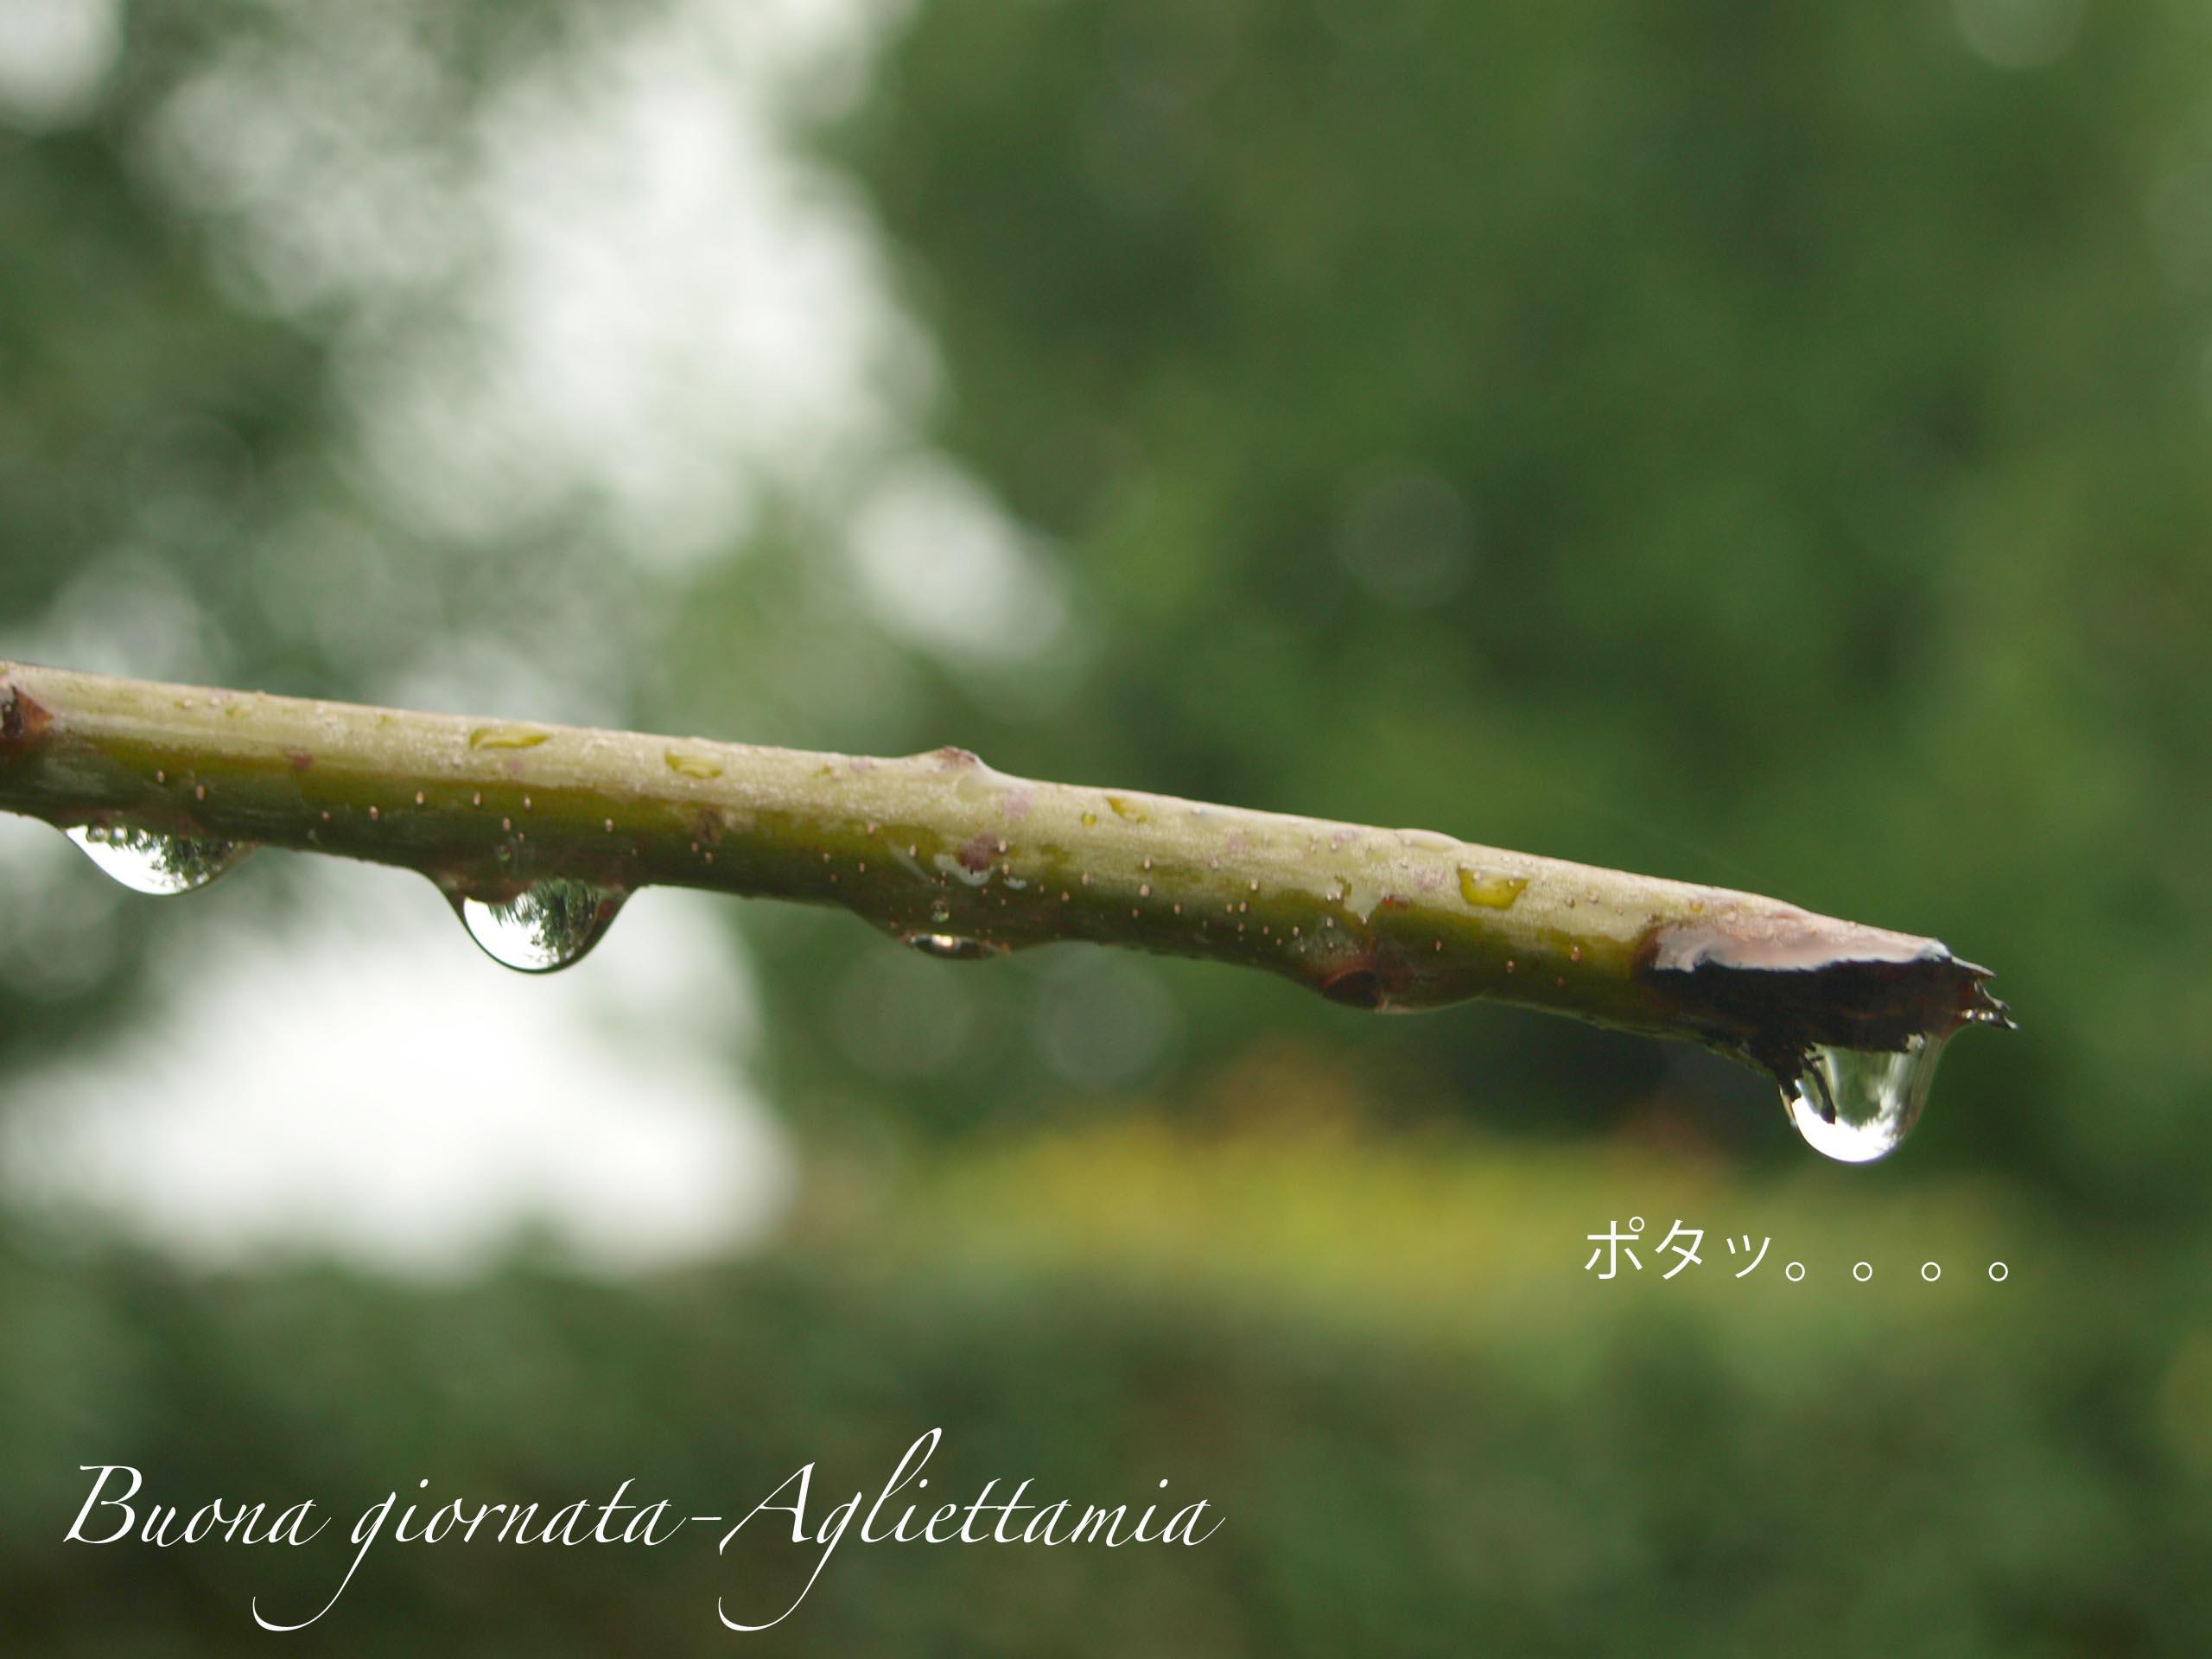 雨がくれるキラキラな贈り物@山の家_c0179785_6144747.jpg